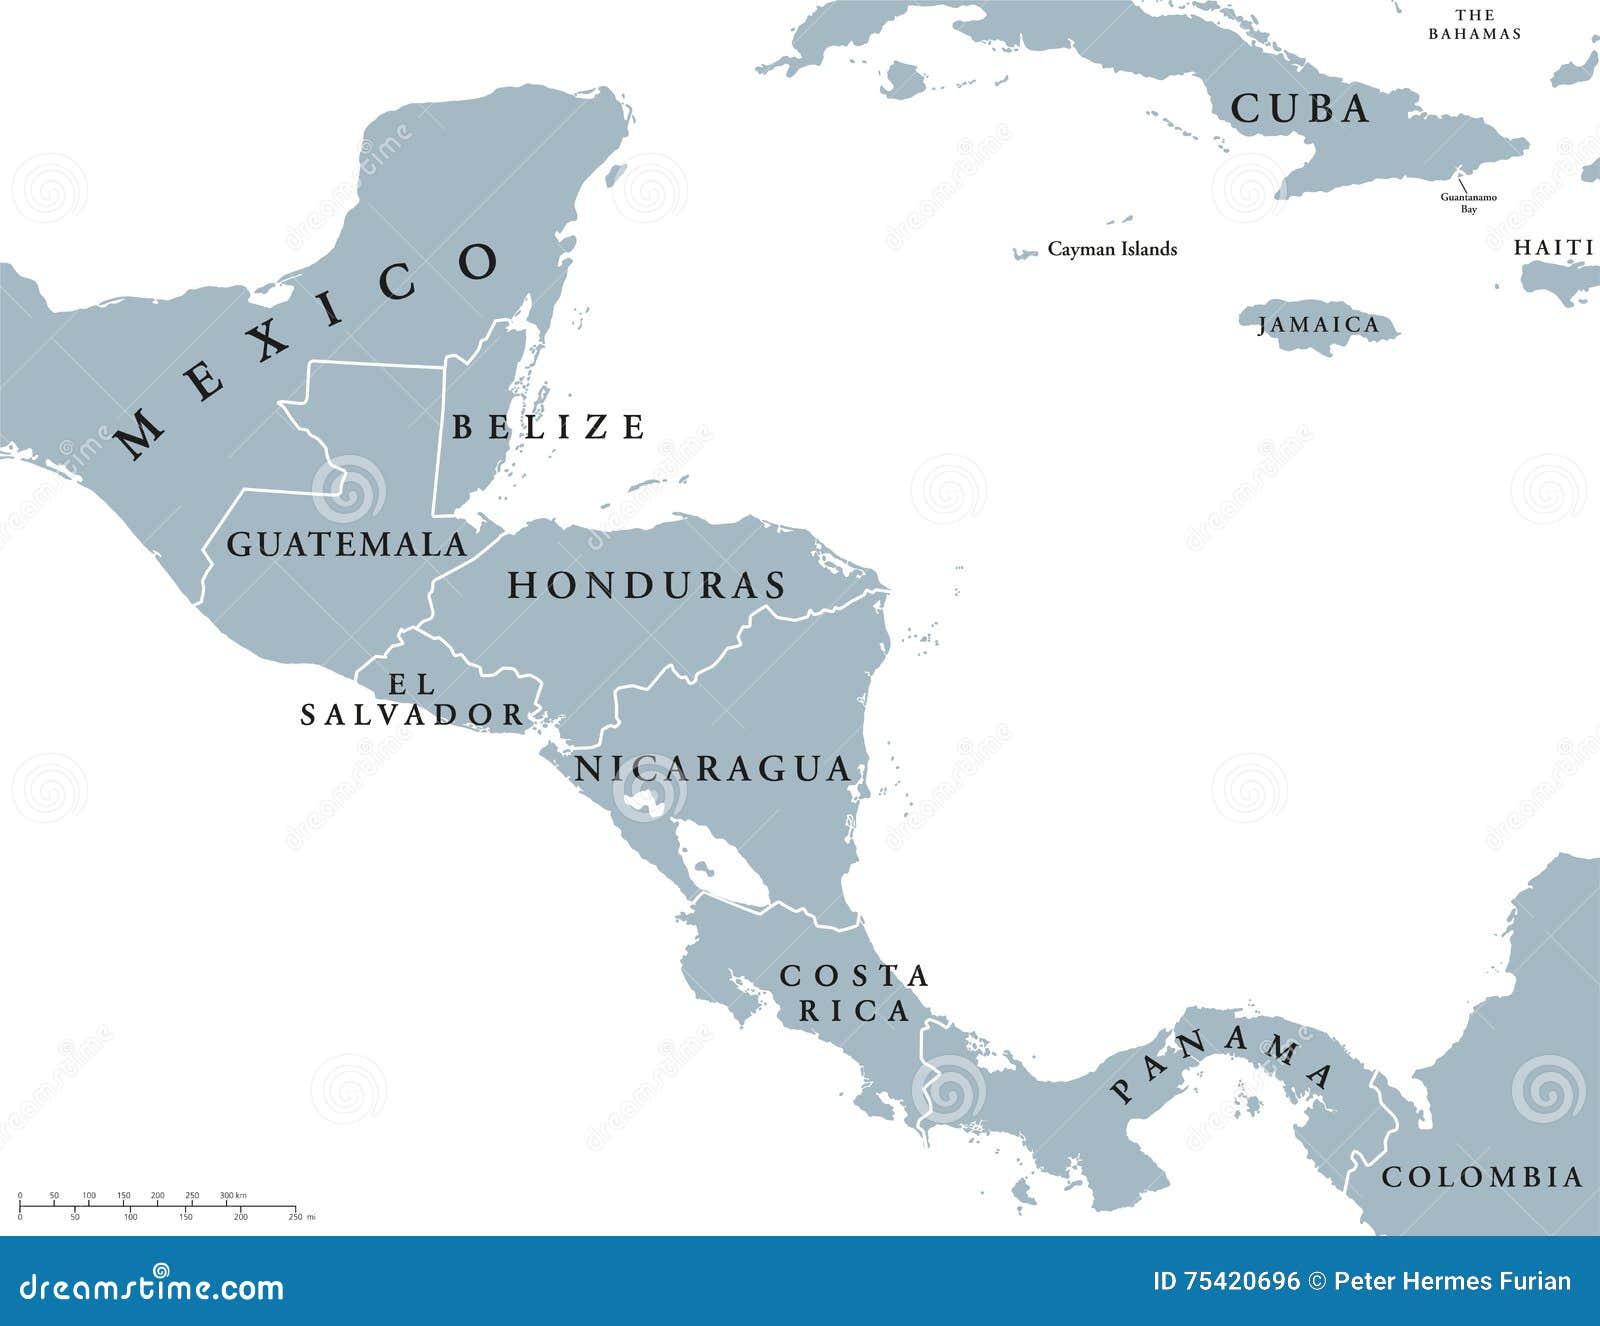 Cartina Politica Centro America.Mappa Politica Dei Paesi Dell America Centrale Illustrazione Vettoriale Illustrazione Di Honduras Pacifico 75420696